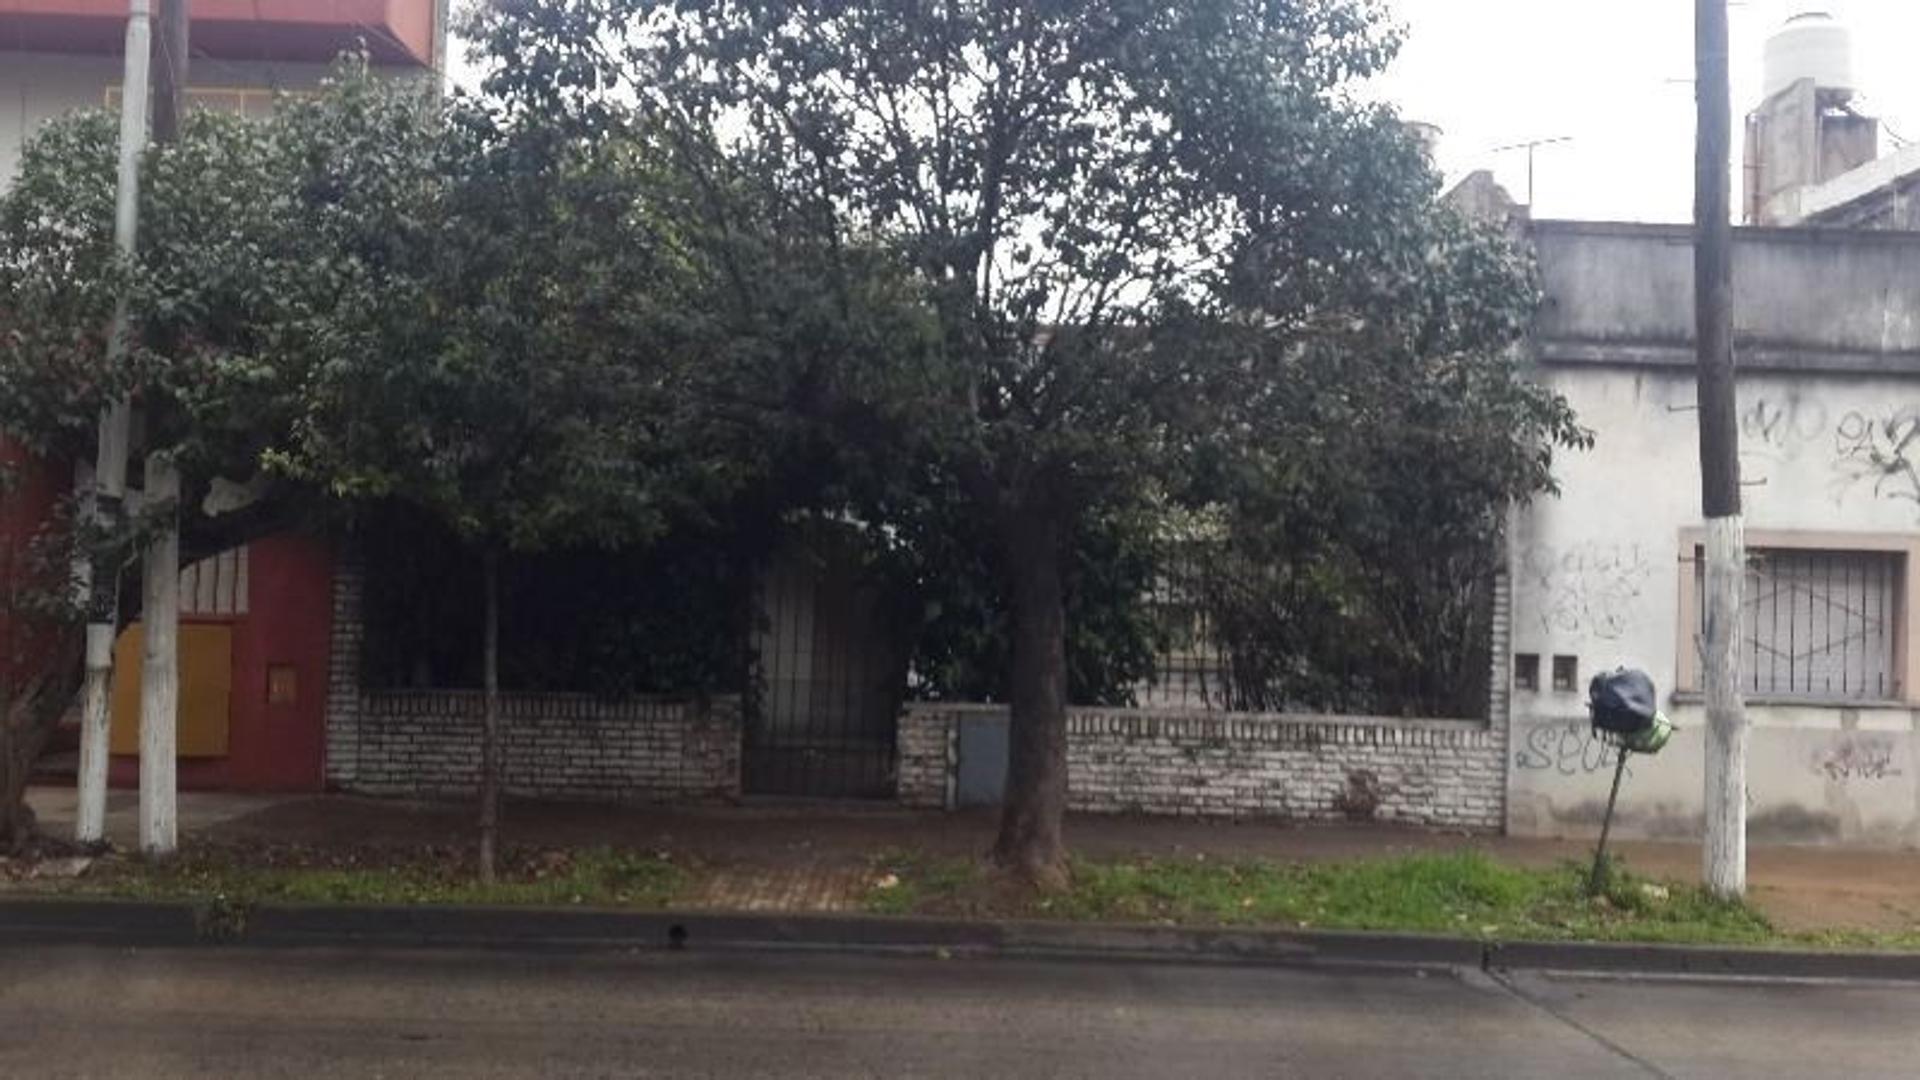 CASA 3amb terreno proprio Moreno 5000 centro CASEROS - TRES DE FEBRERO,